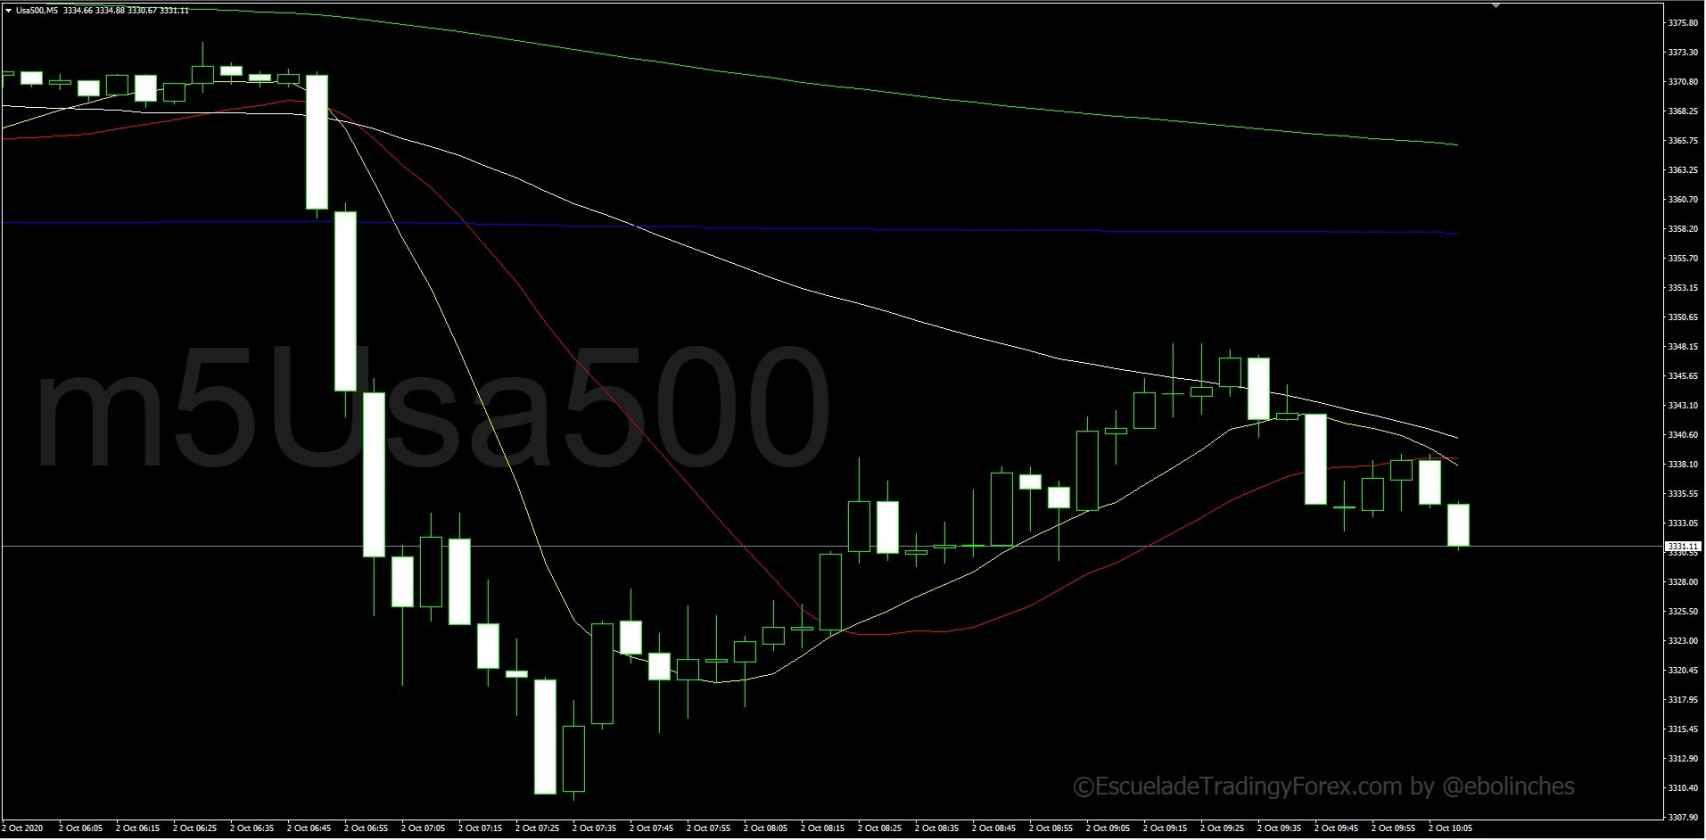 Evolución del futuro del S&P 500 en gráfico de 5 minutos